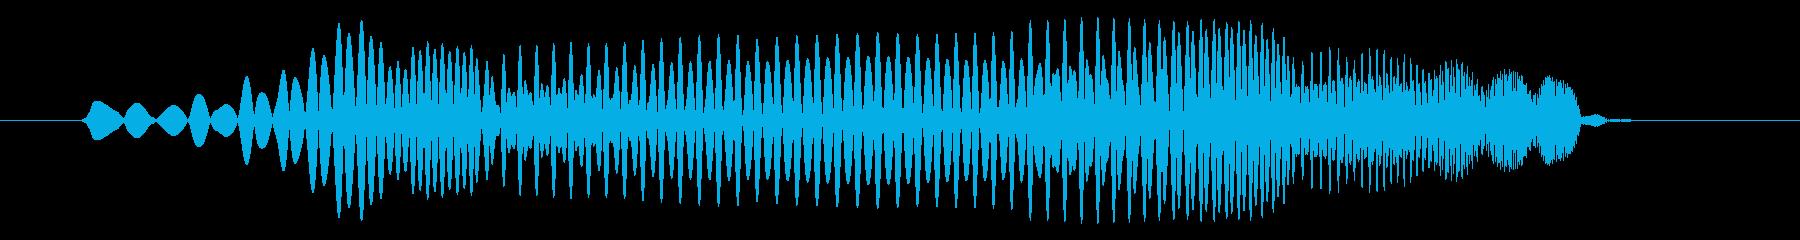 プヨ(スライム・攻撃・はねる・コミカル)の再生済みの波形